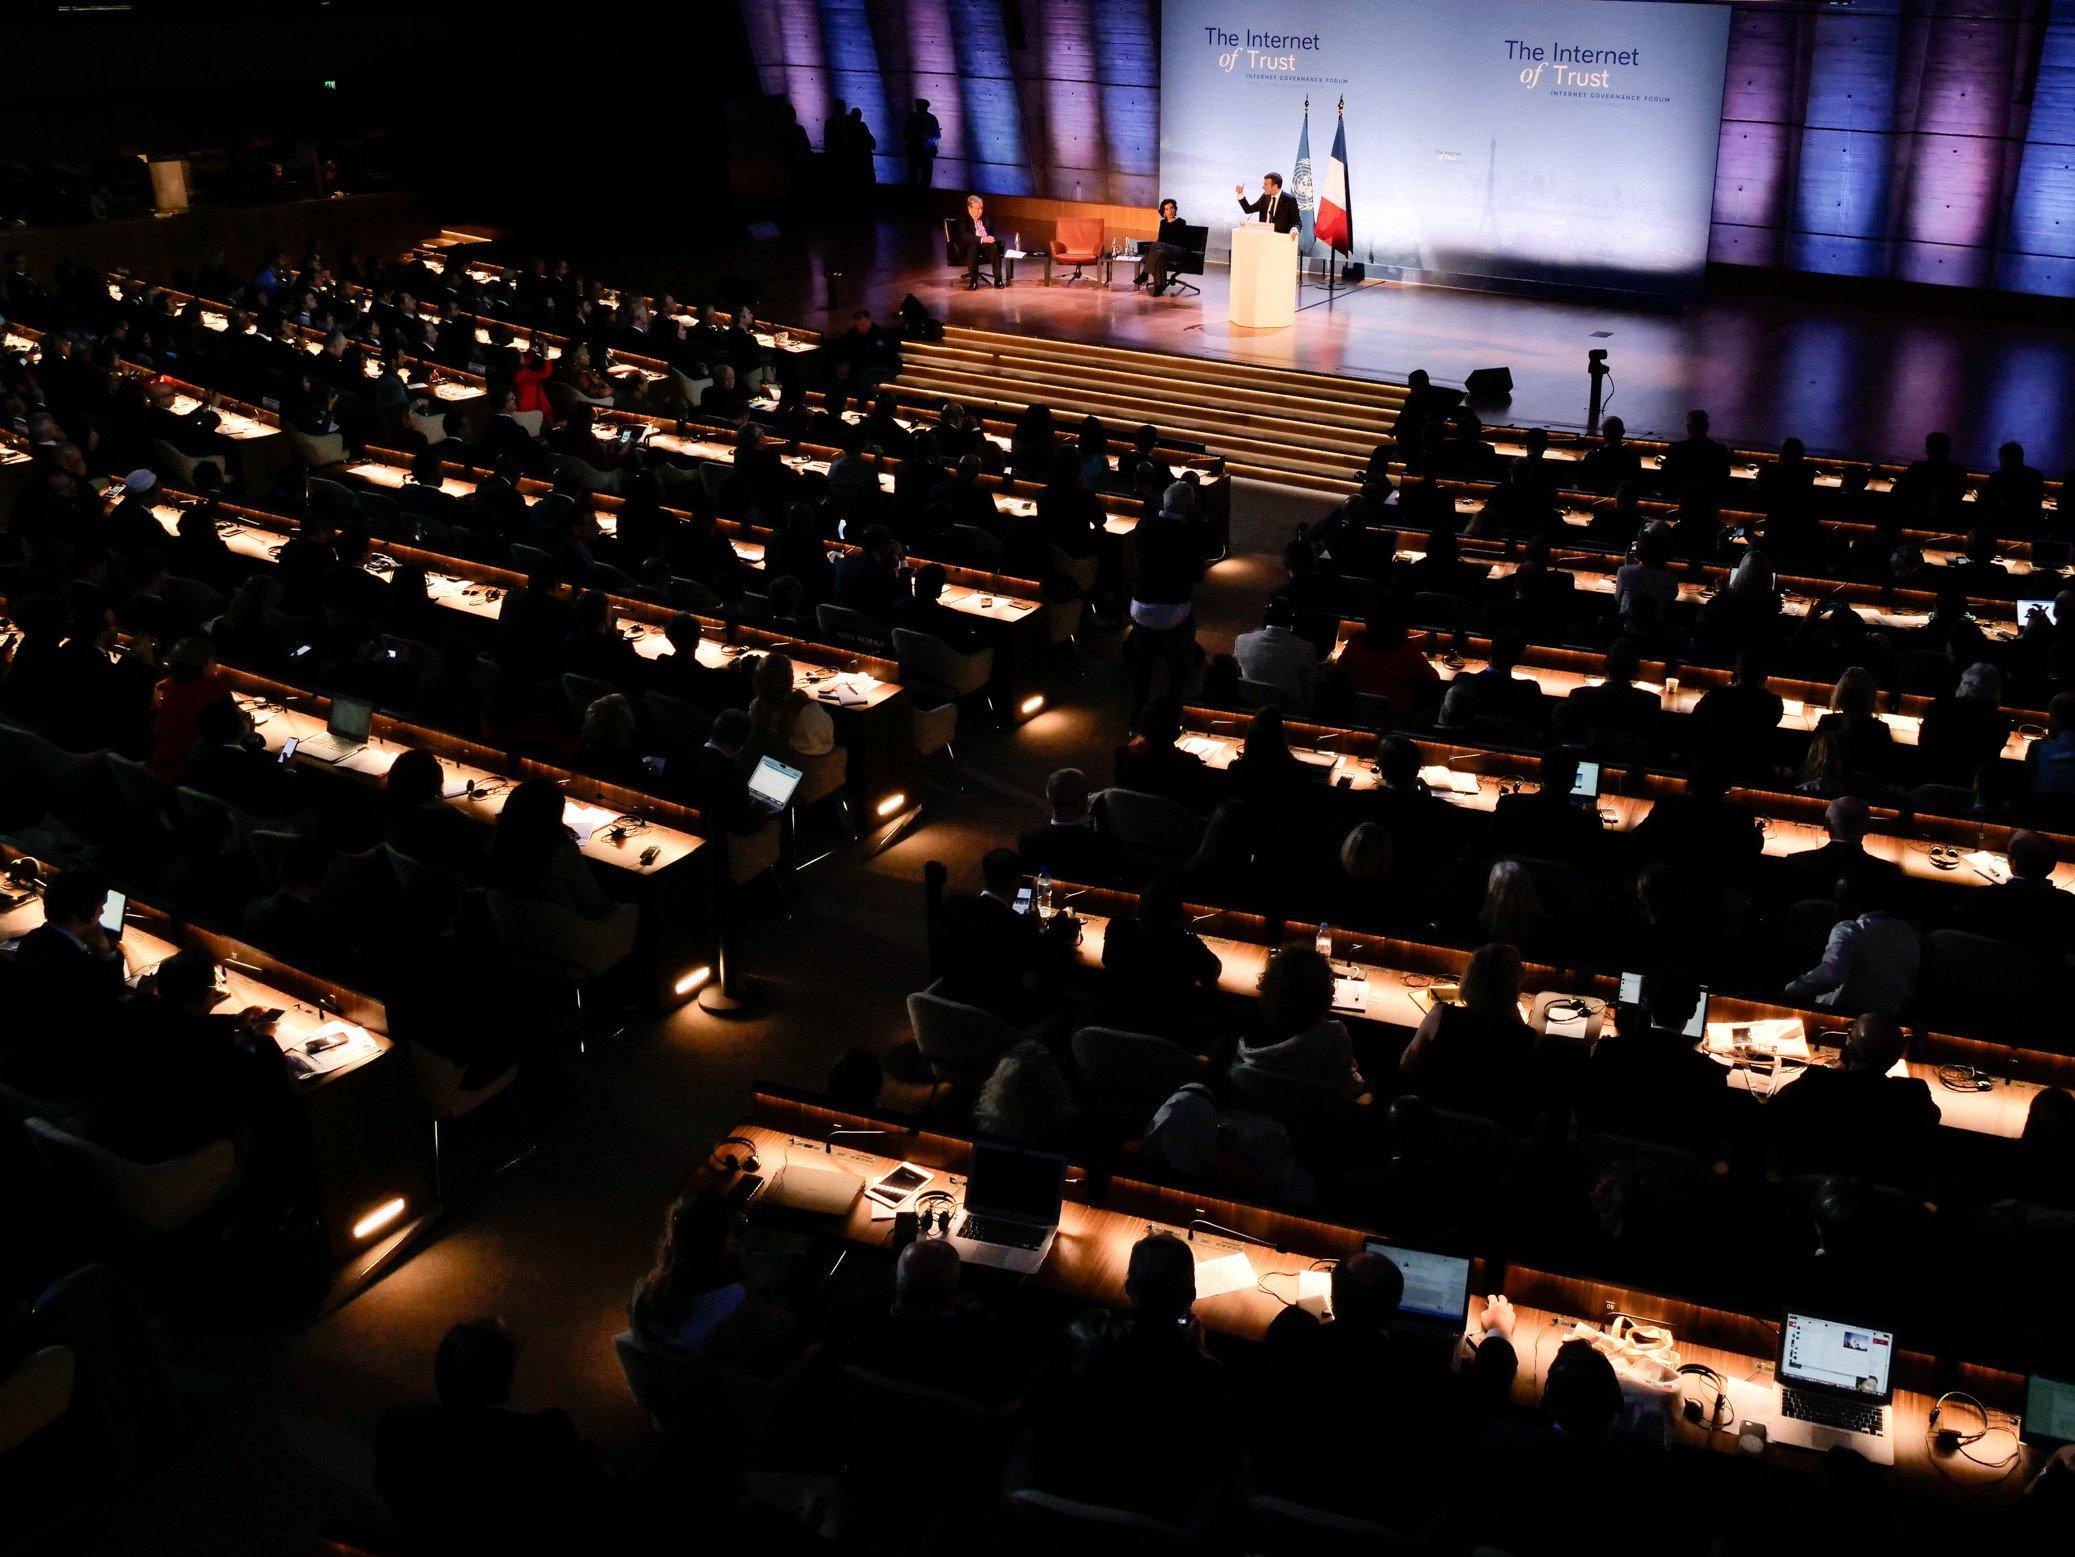 NP: Un paso importante hacia la paz y la seguridad en el mundo digital